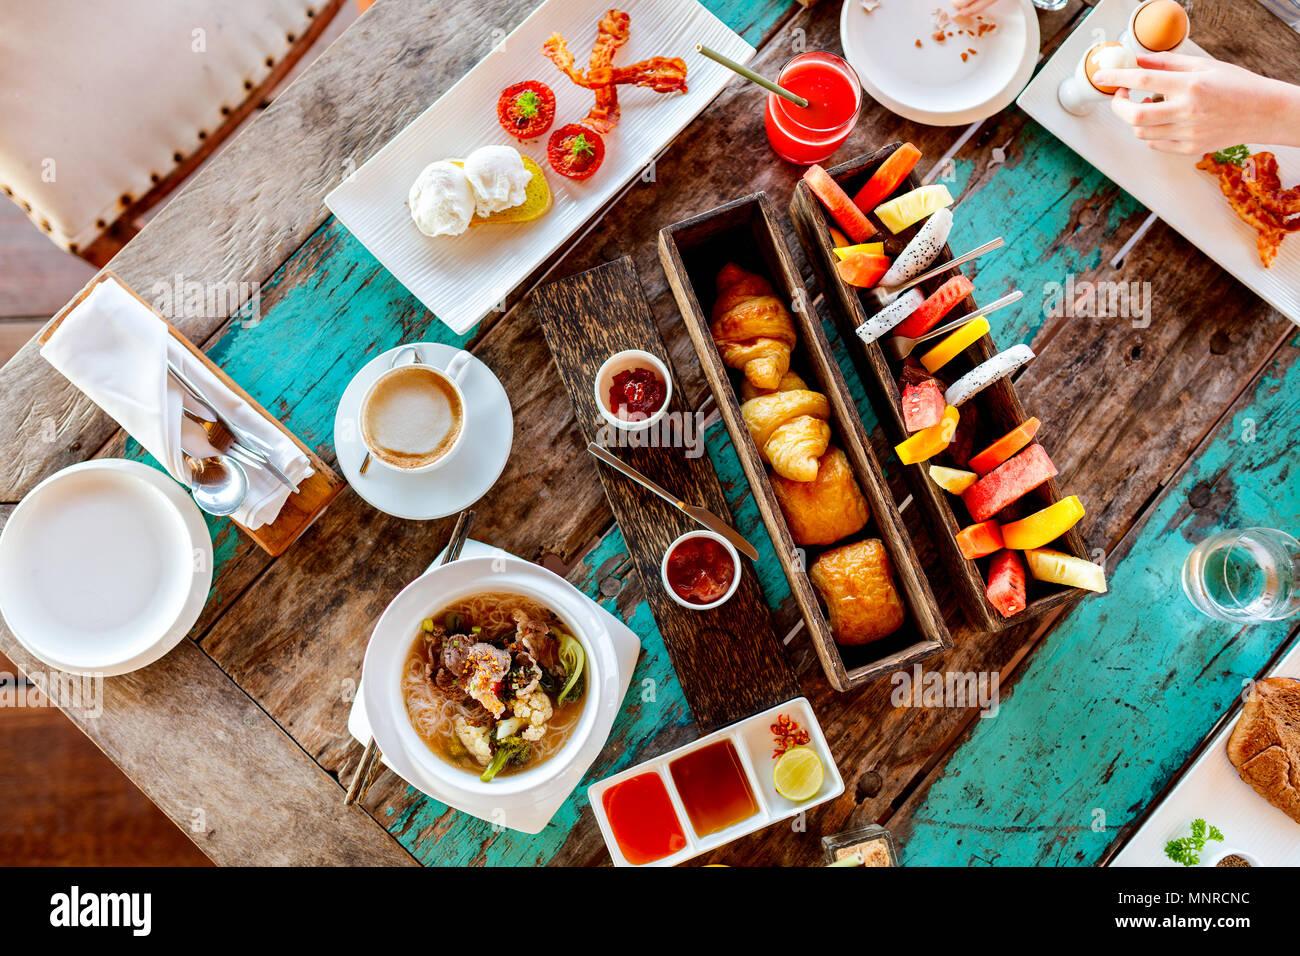 Vista superior de deliciosos alimentos orgánicos para el desayuno servido en la mesa de madera rústica. Café, huevos, frutas, zumos, cruasanes y mermeladas. Imagen De Stock